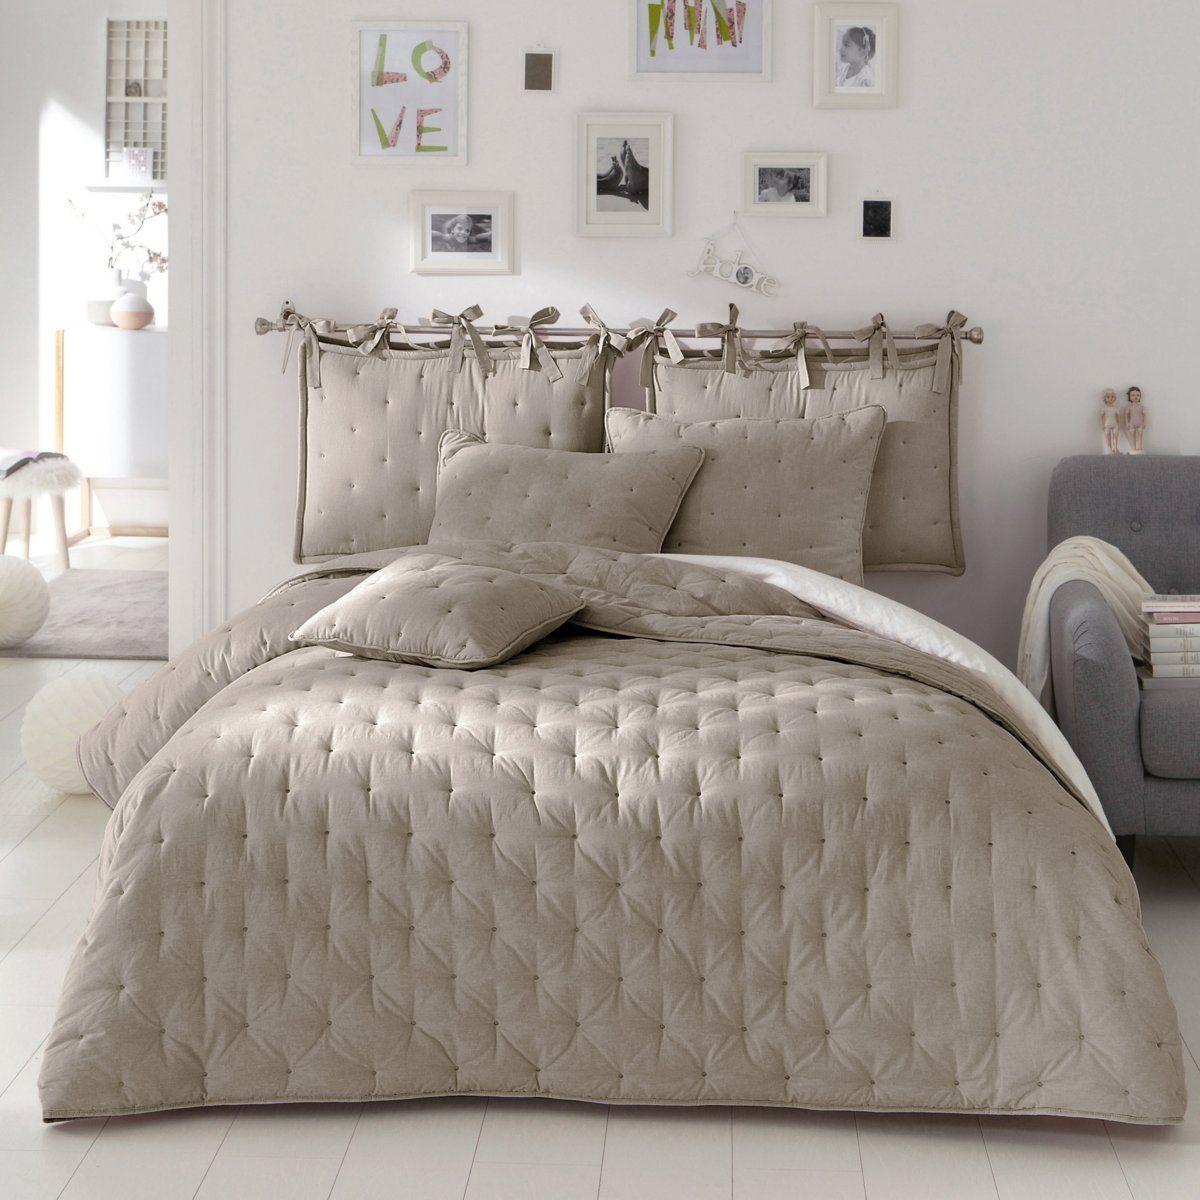 la redoute couvre lit Couvre lit brodé, AERI | La Redoute Interieurs | La Redoute | Home  la redoute couvre lit